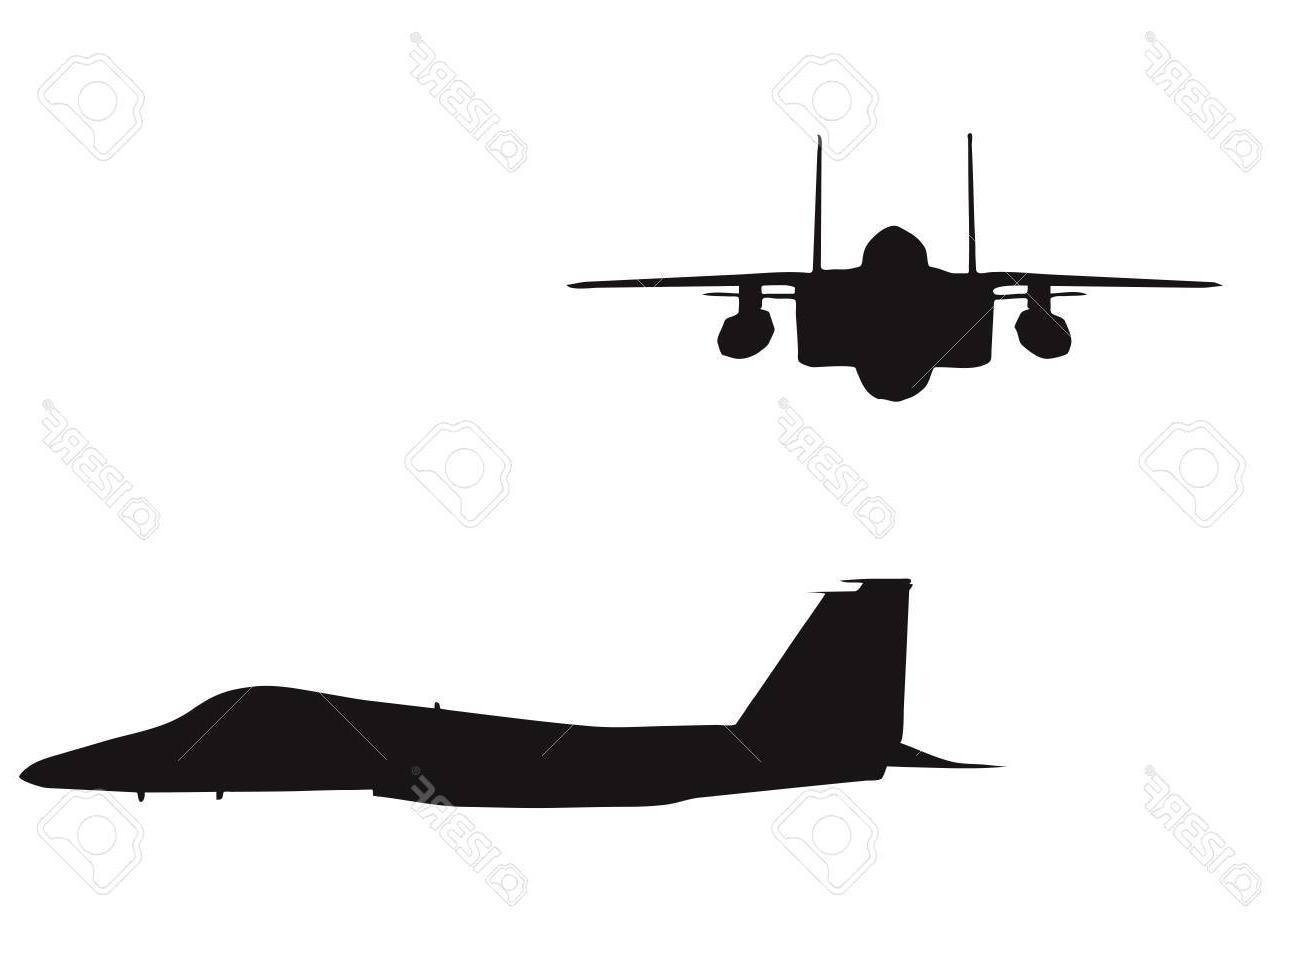 1300x965 Best Free Eps Vector Illustration Of Bomber Plane Silhouette